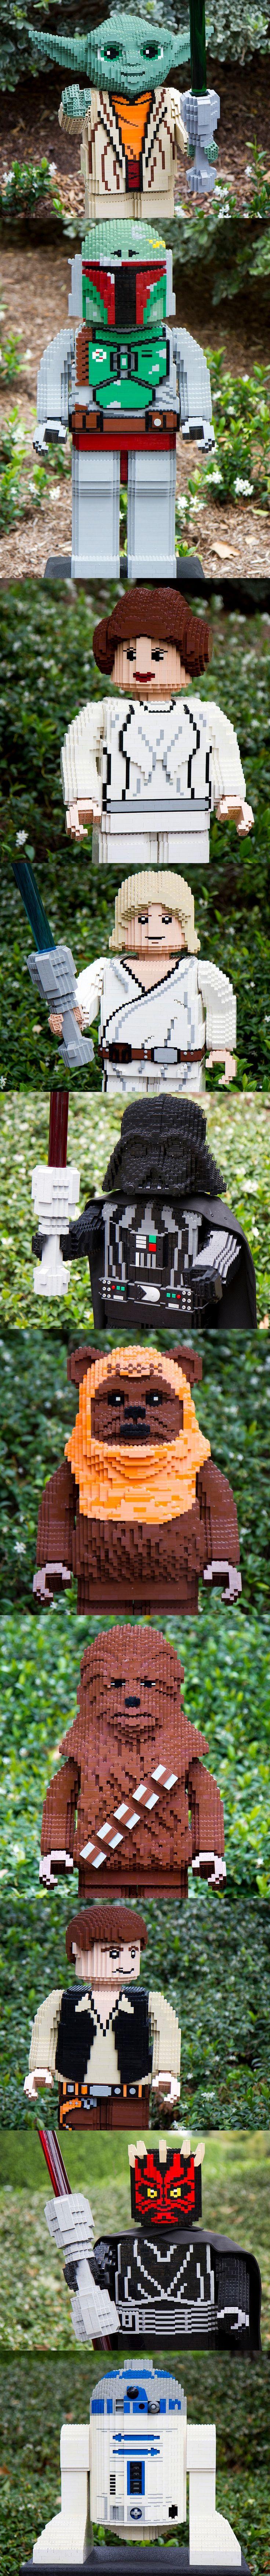 Yoda, Boba Fett, Leila, Luke Skywalker, Darth Vader, Ewok, Chewy, Han Solo, Darth Maul, R2D2 - LEGO